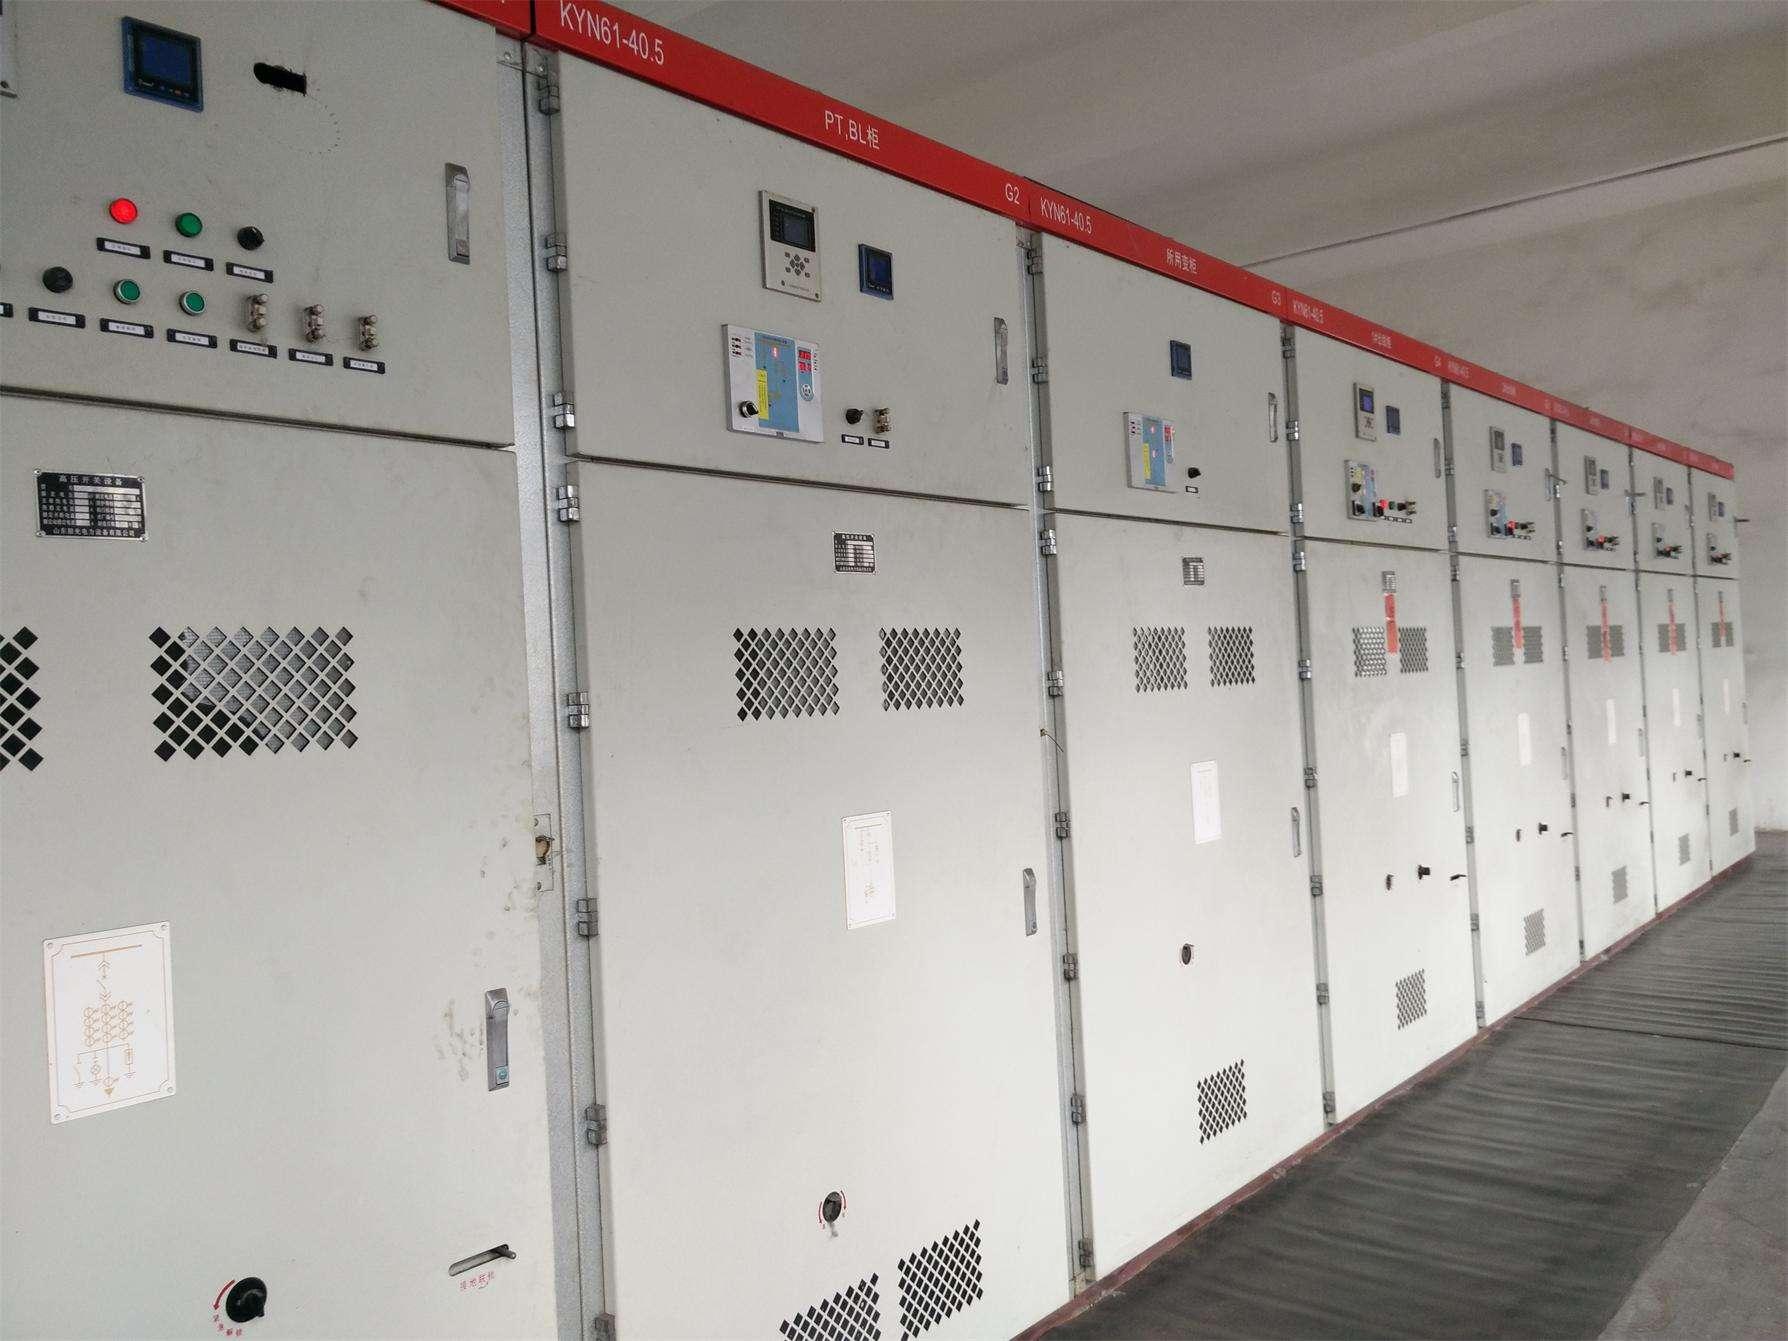 电气设备进行绝缘值丈量时的留意事项